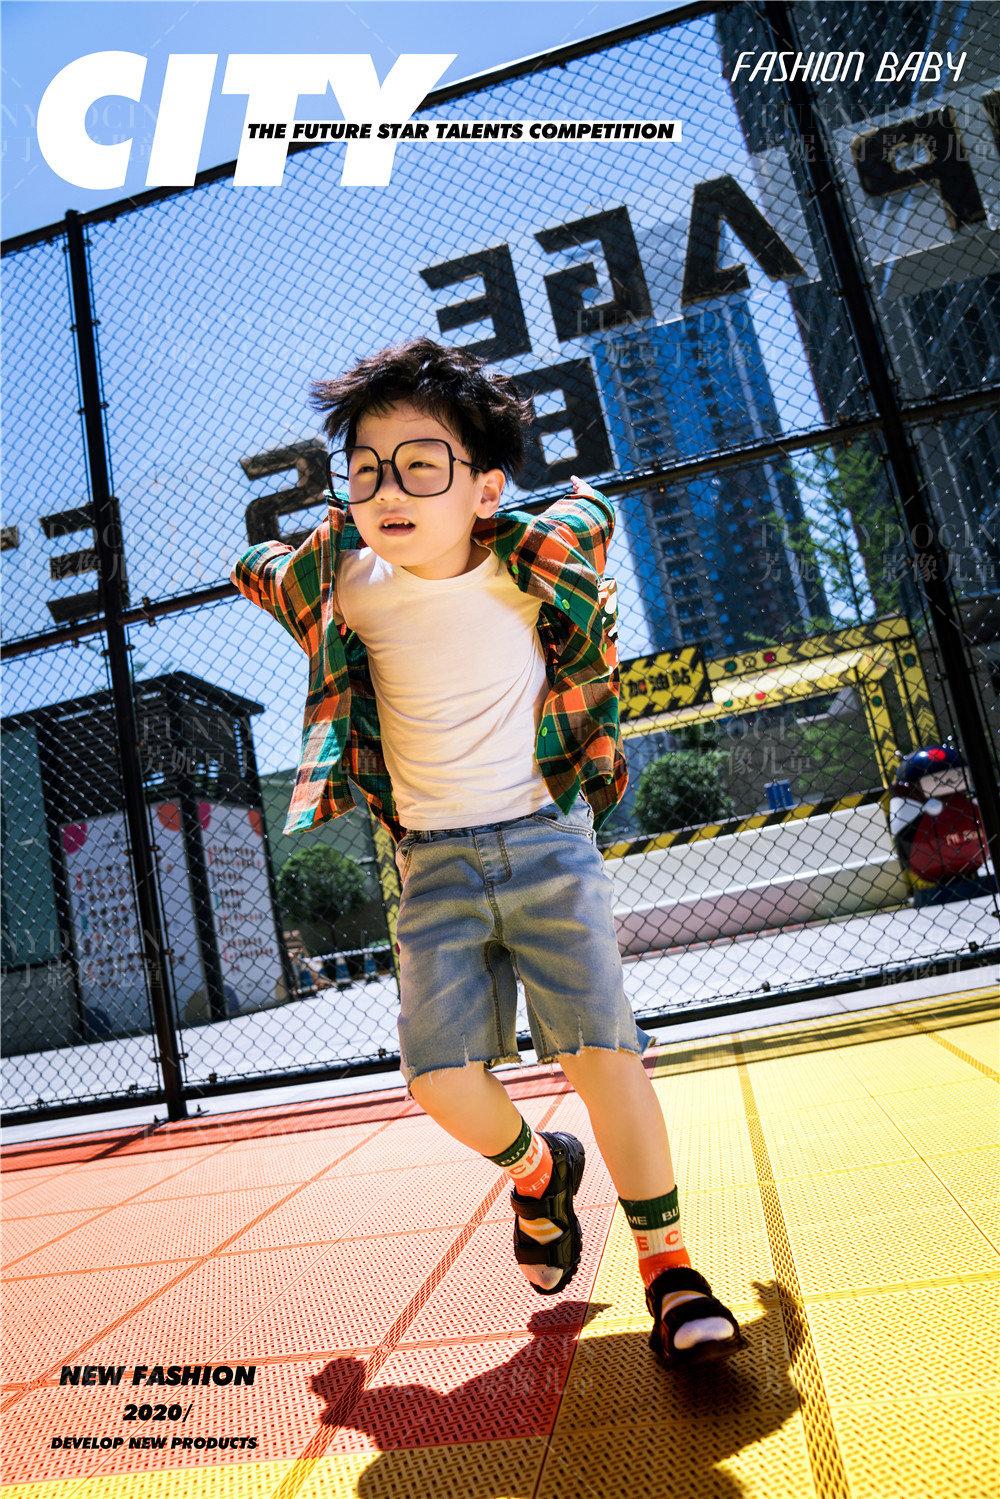 芳妮豆丁儿童摄影 型走城市